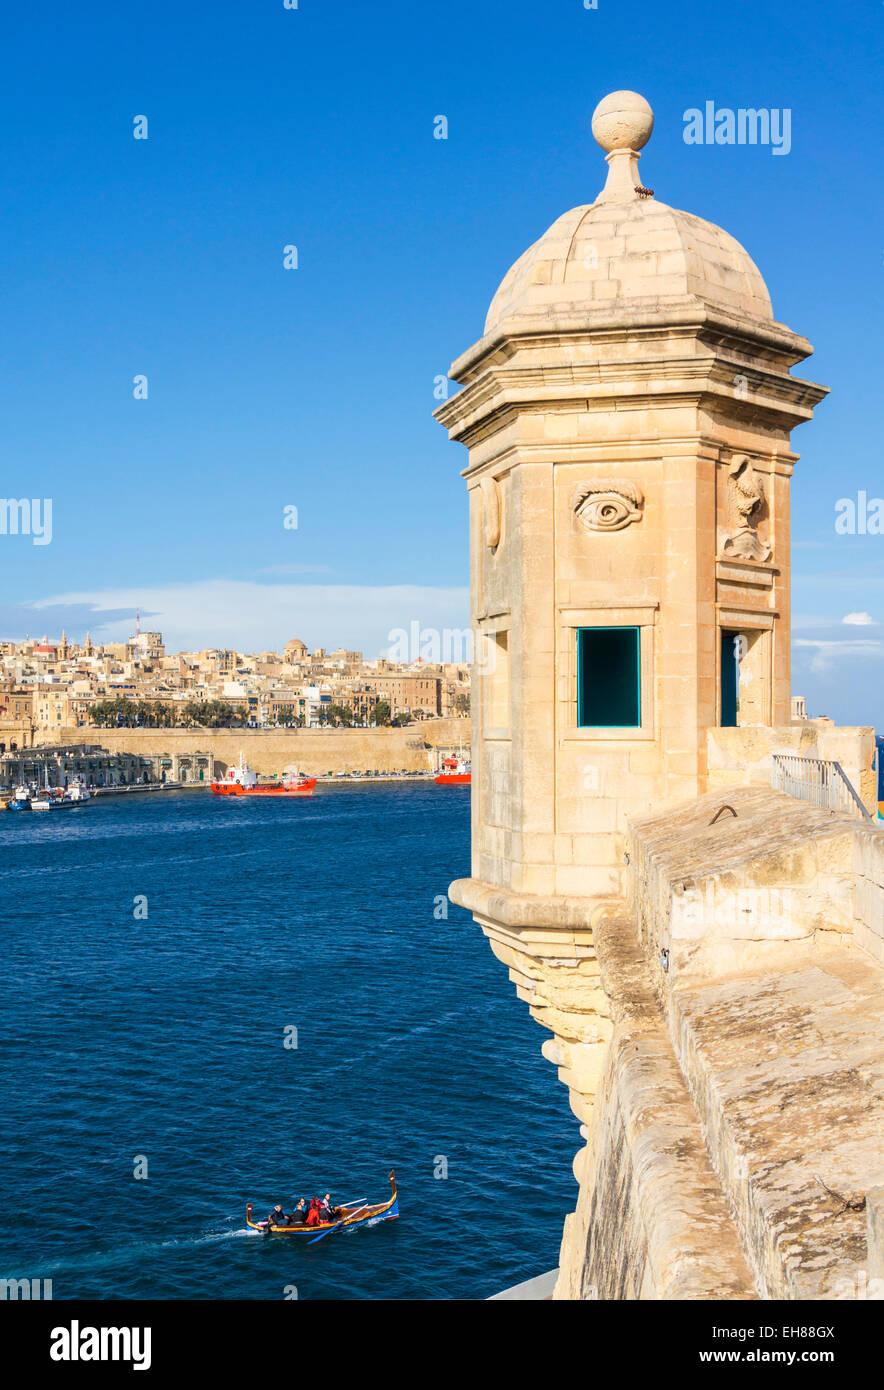 Vedette de guet Gardjola (guérite) et La Valette Grand Harbour, Senglea, les trois villes, Malte, Méditerranée, Photo Stock